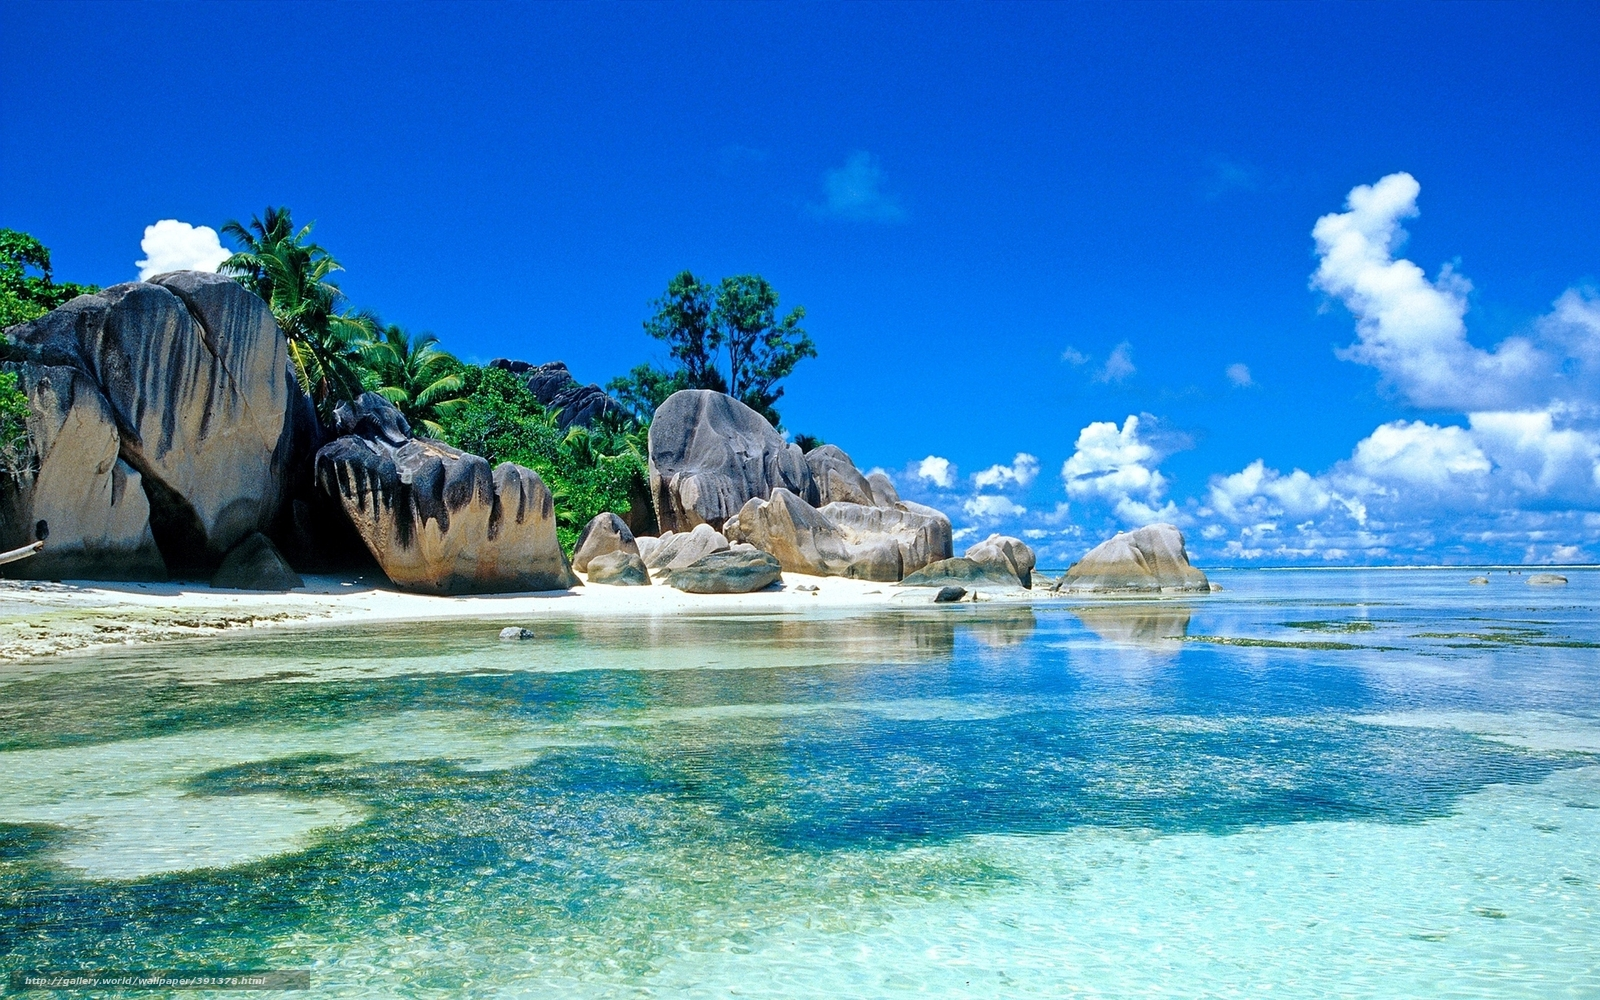 Scaricare gli sfondi seychelles tropici mare palma for Desktop gratis mare